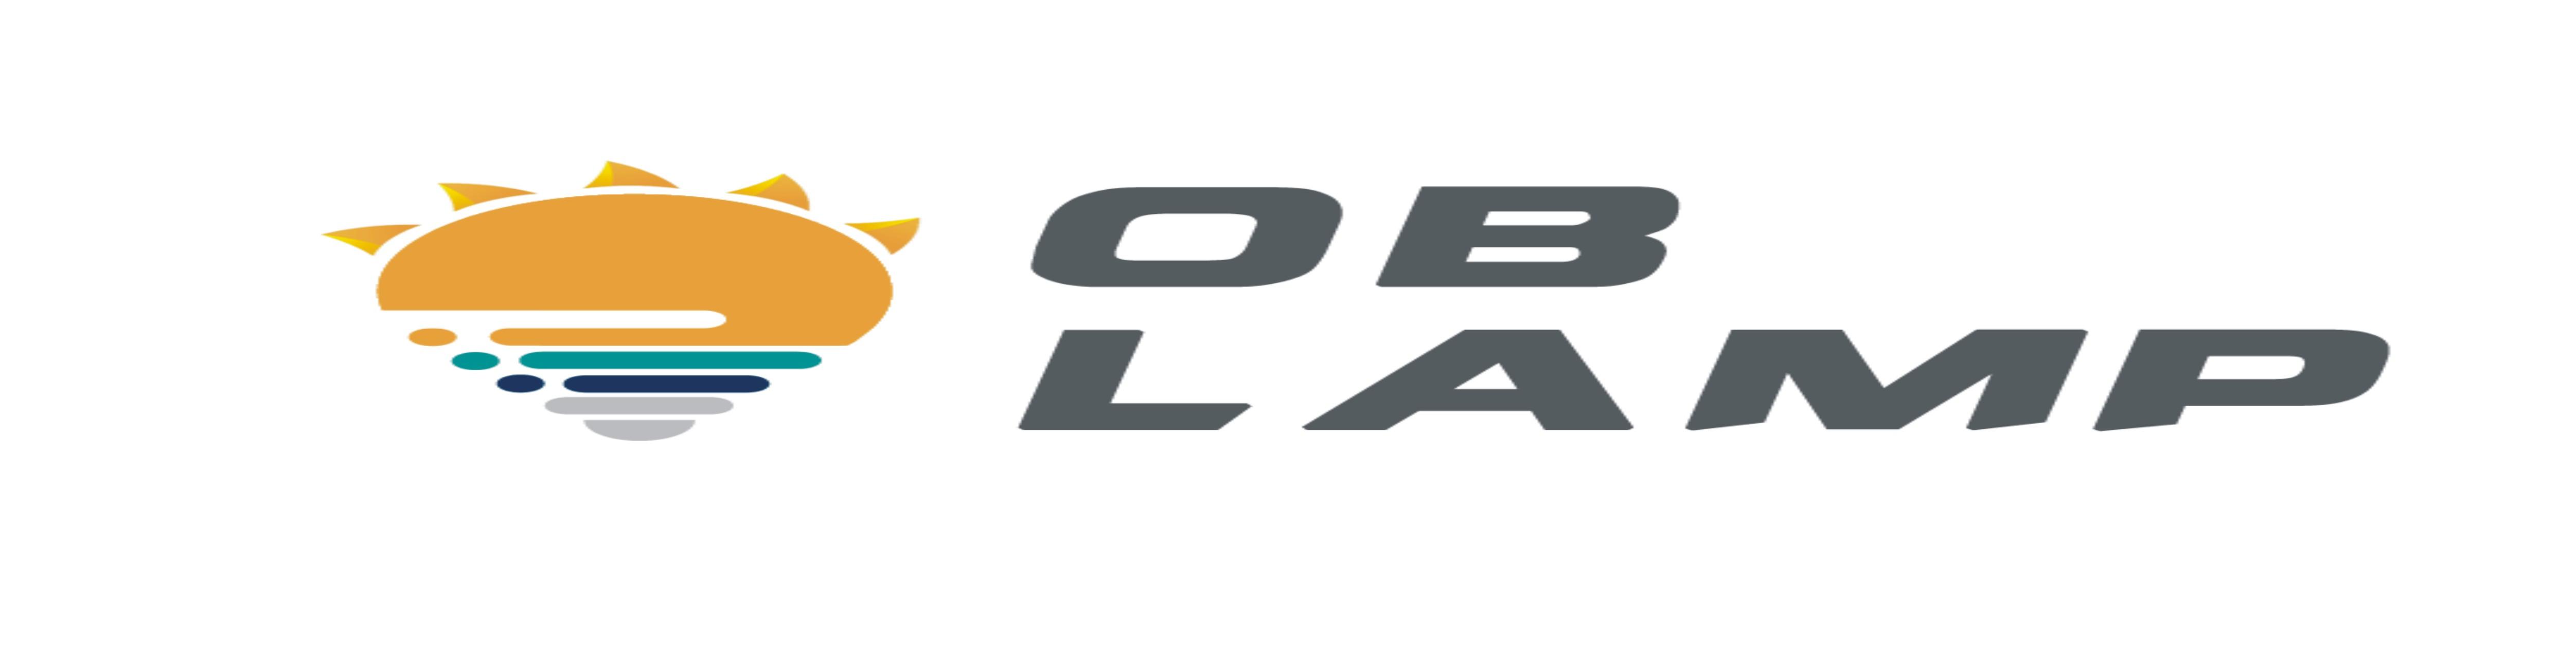 oblamp